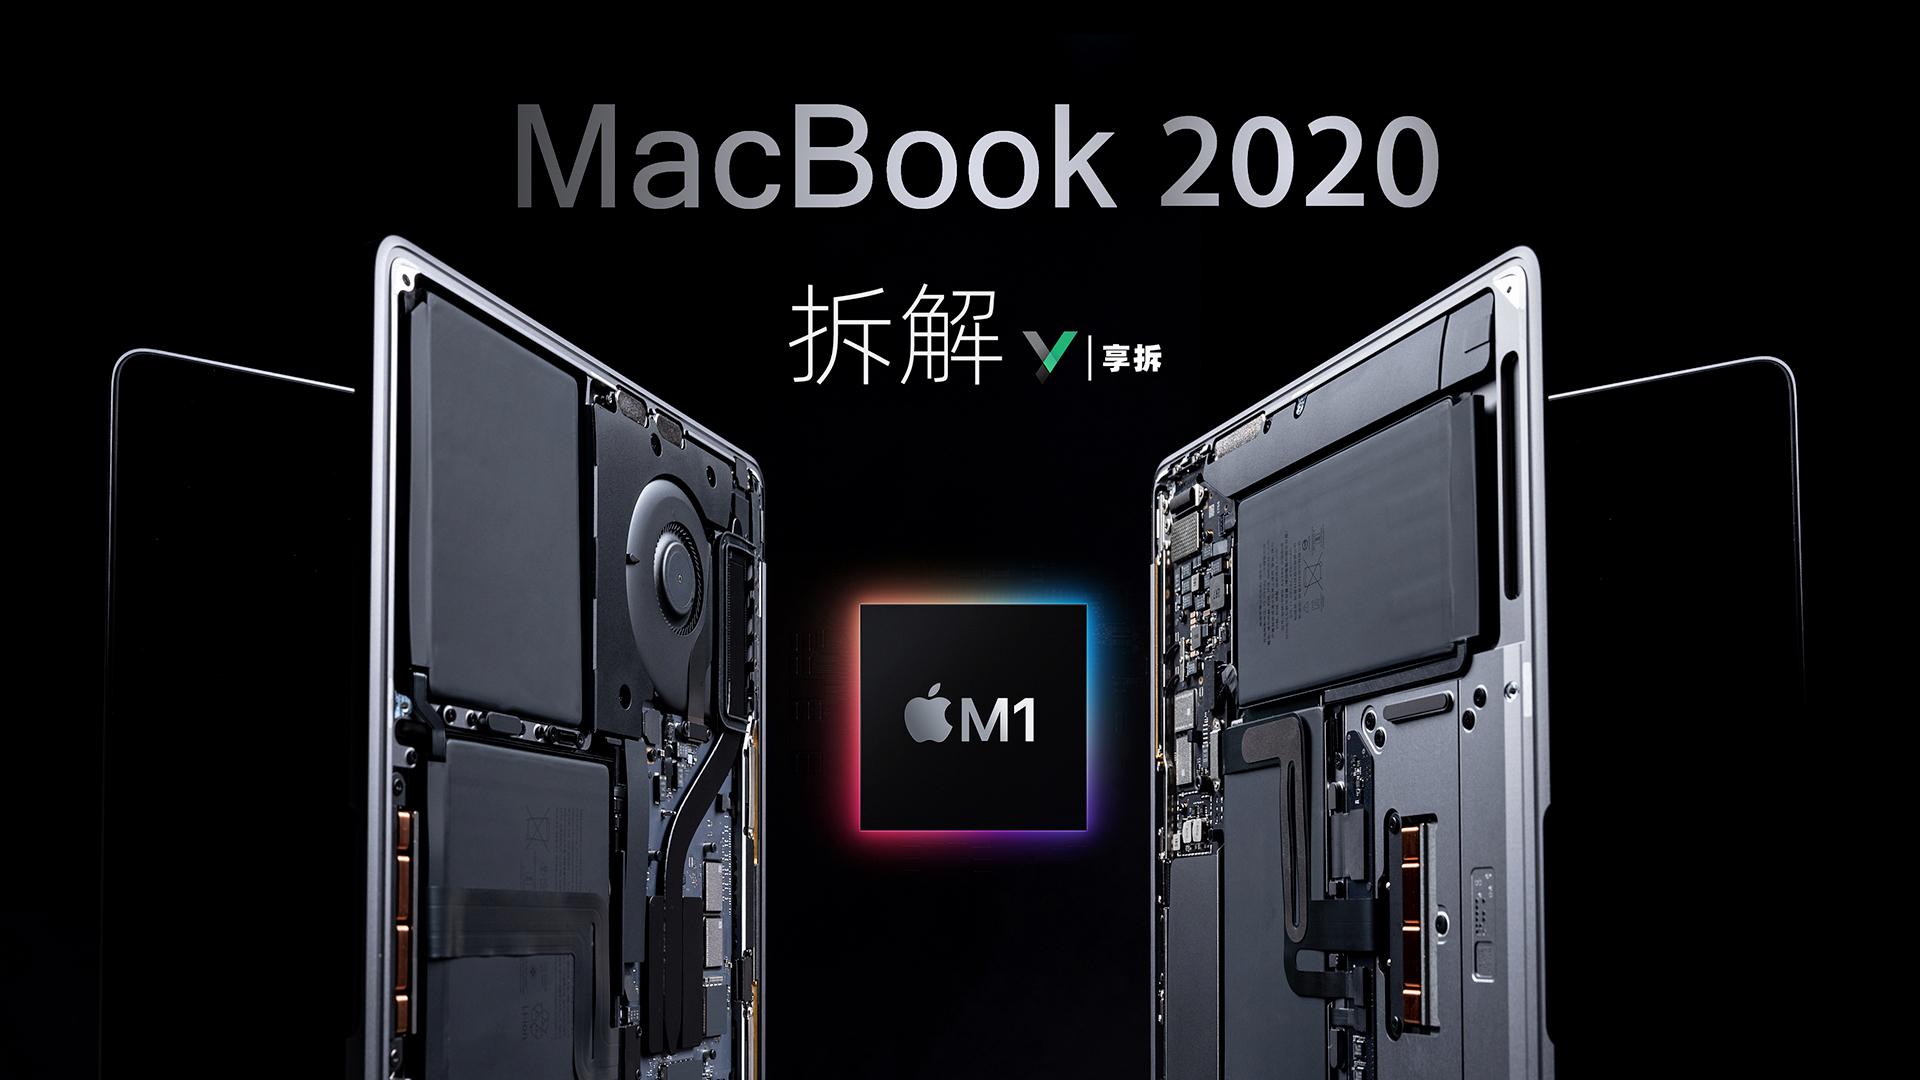 【享拆】MacBook Air & Pro 2020 拆解:M1证明了一件事......